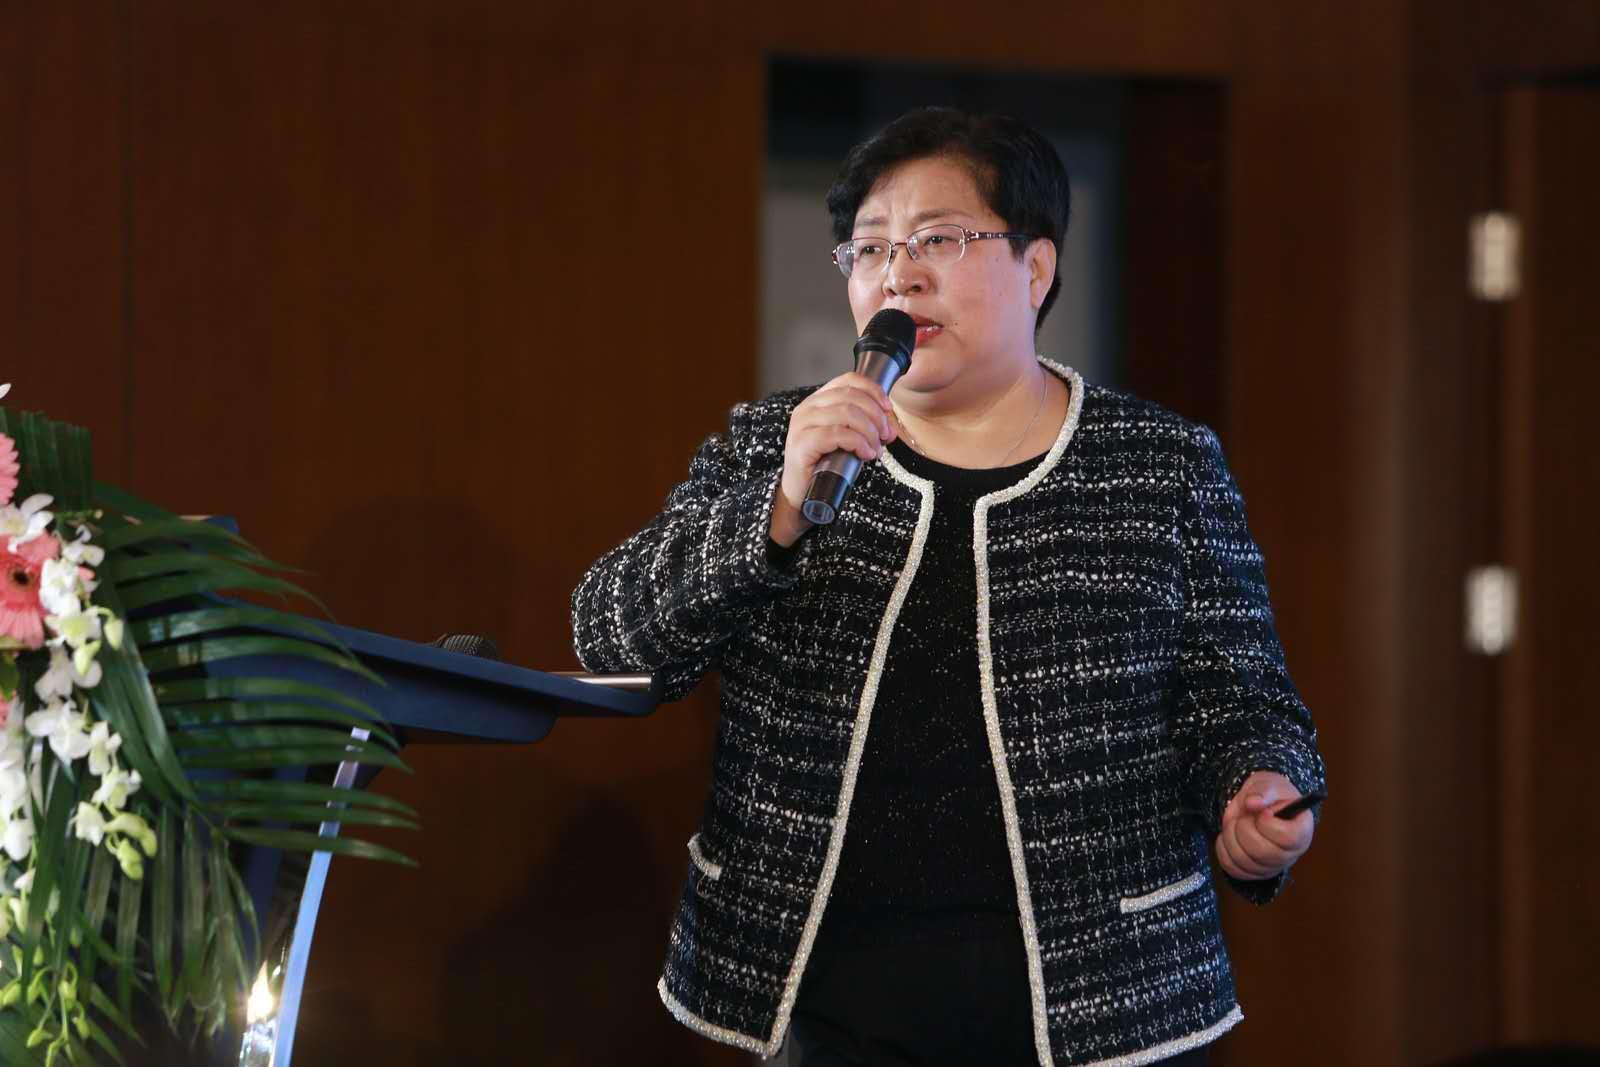 代表:建议将收买被拐妇女新发案件纳入地方政府考核